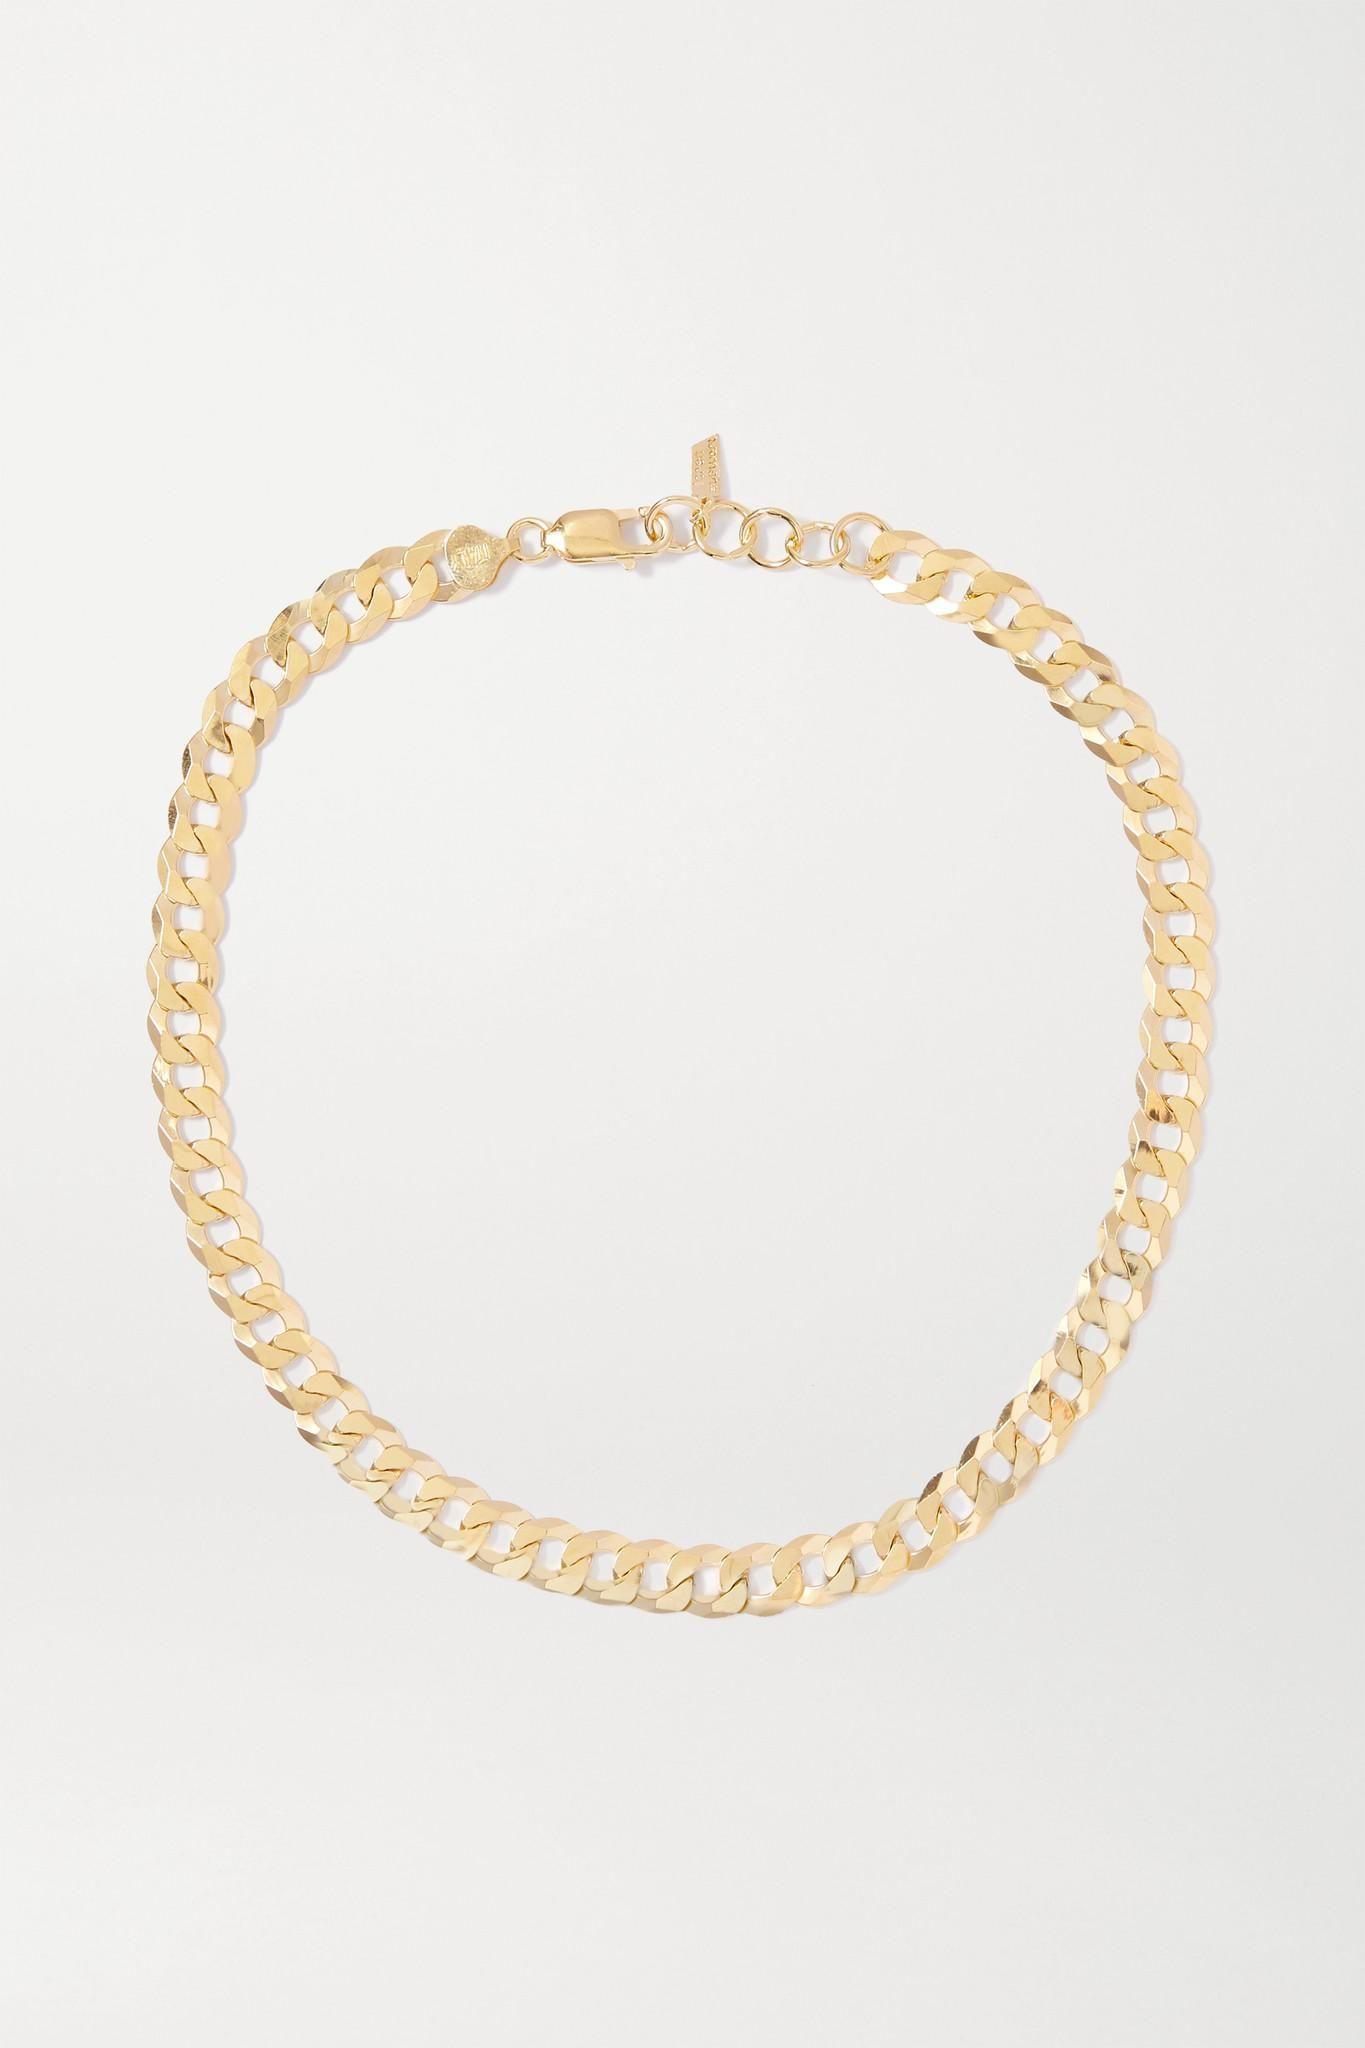 loren stewart and net sustain gold vermeil necklace